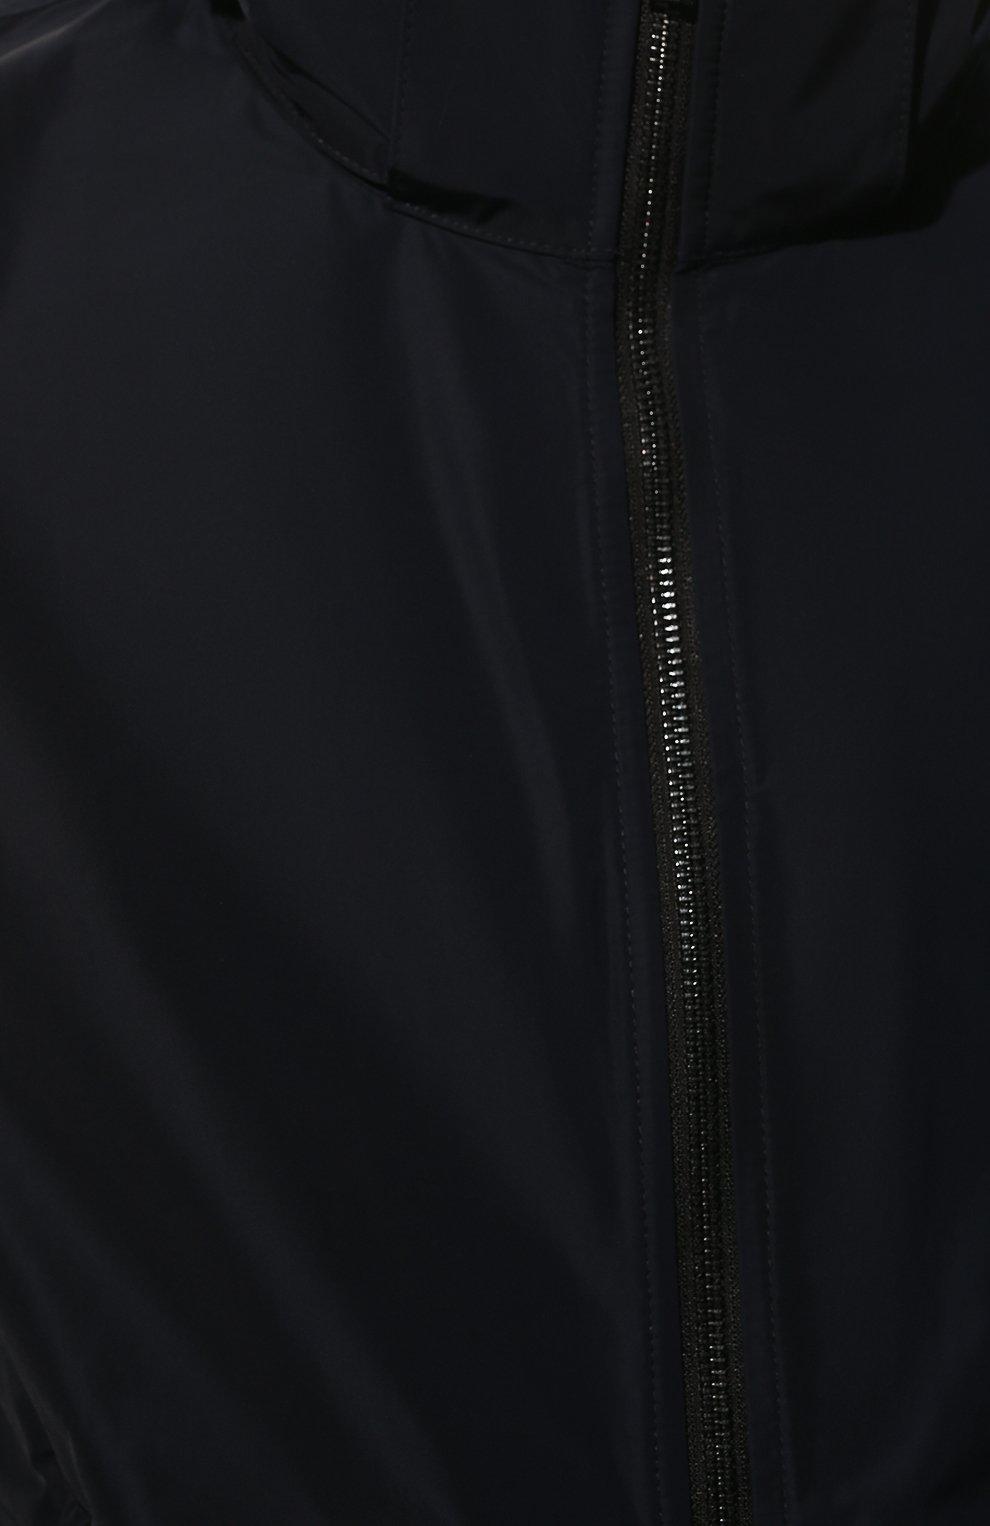 Мужская утепленная куртка BURBERRY синего цвета, арт. 8014364 | Фото 5 (Кросс-КТ: Куртка; Рукава: Длинные; Материал внешний: Синтетический материал; Мужское Кросс-КТ: утепленные куртки; Материал подклада: Синтетический материал; Длина (верхняя одежда): Короткие; Стили: Кэжуэл)